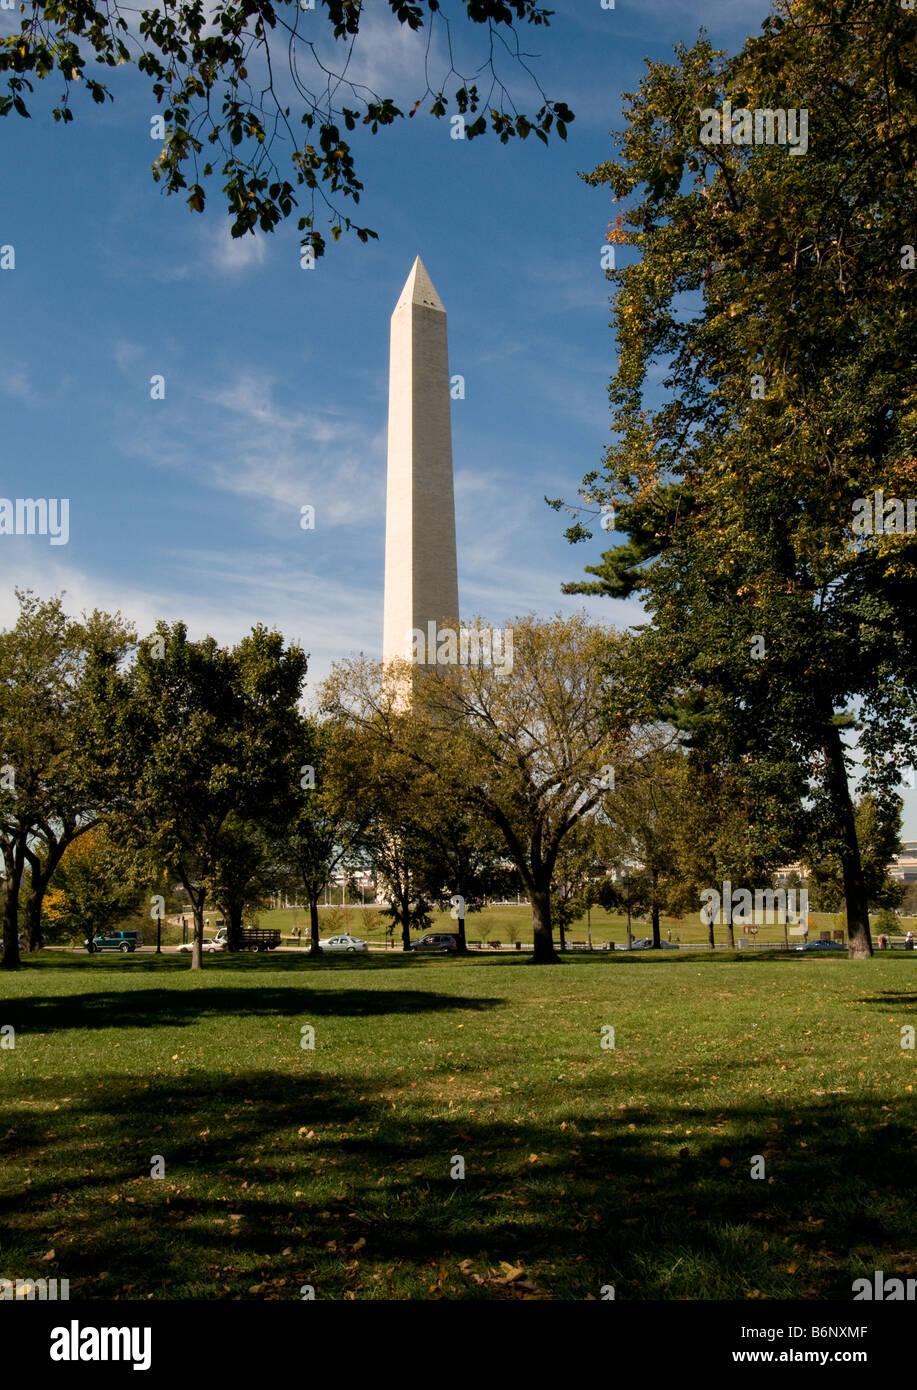 Washington Monument, Washington DC USA - Stock Image